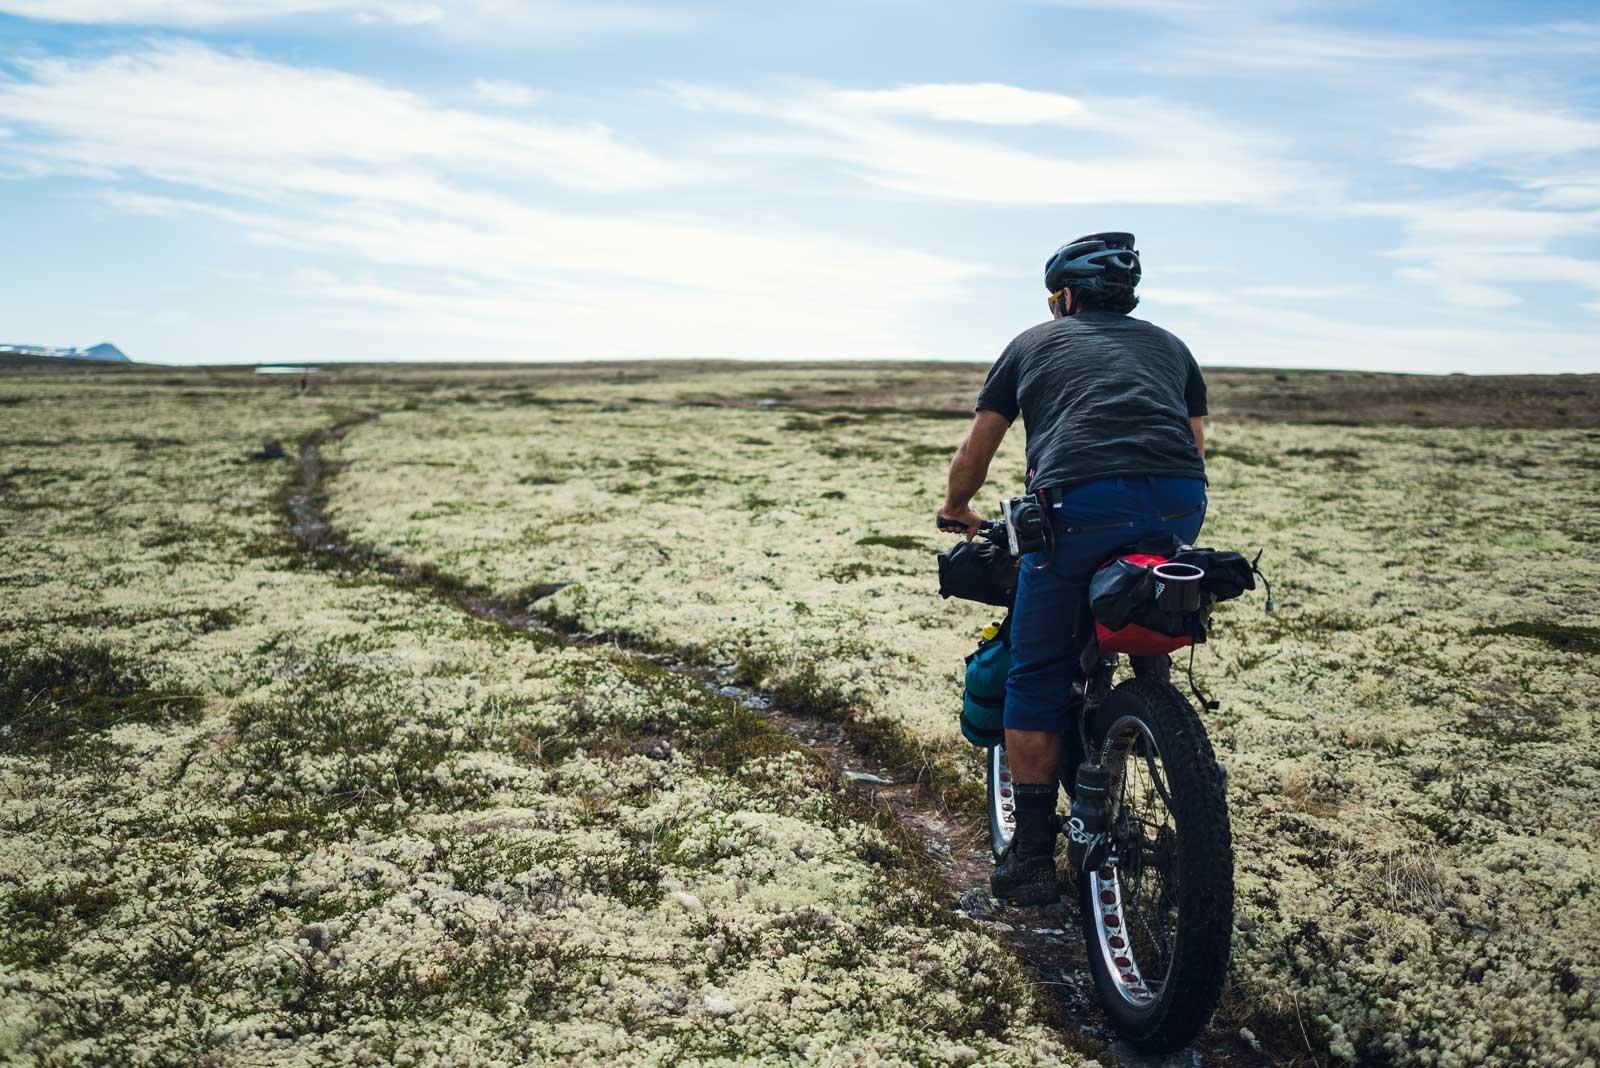 Fra Storlien til Oslo på sykkel | Bikepacking | TERRENGSYKKEL.NO